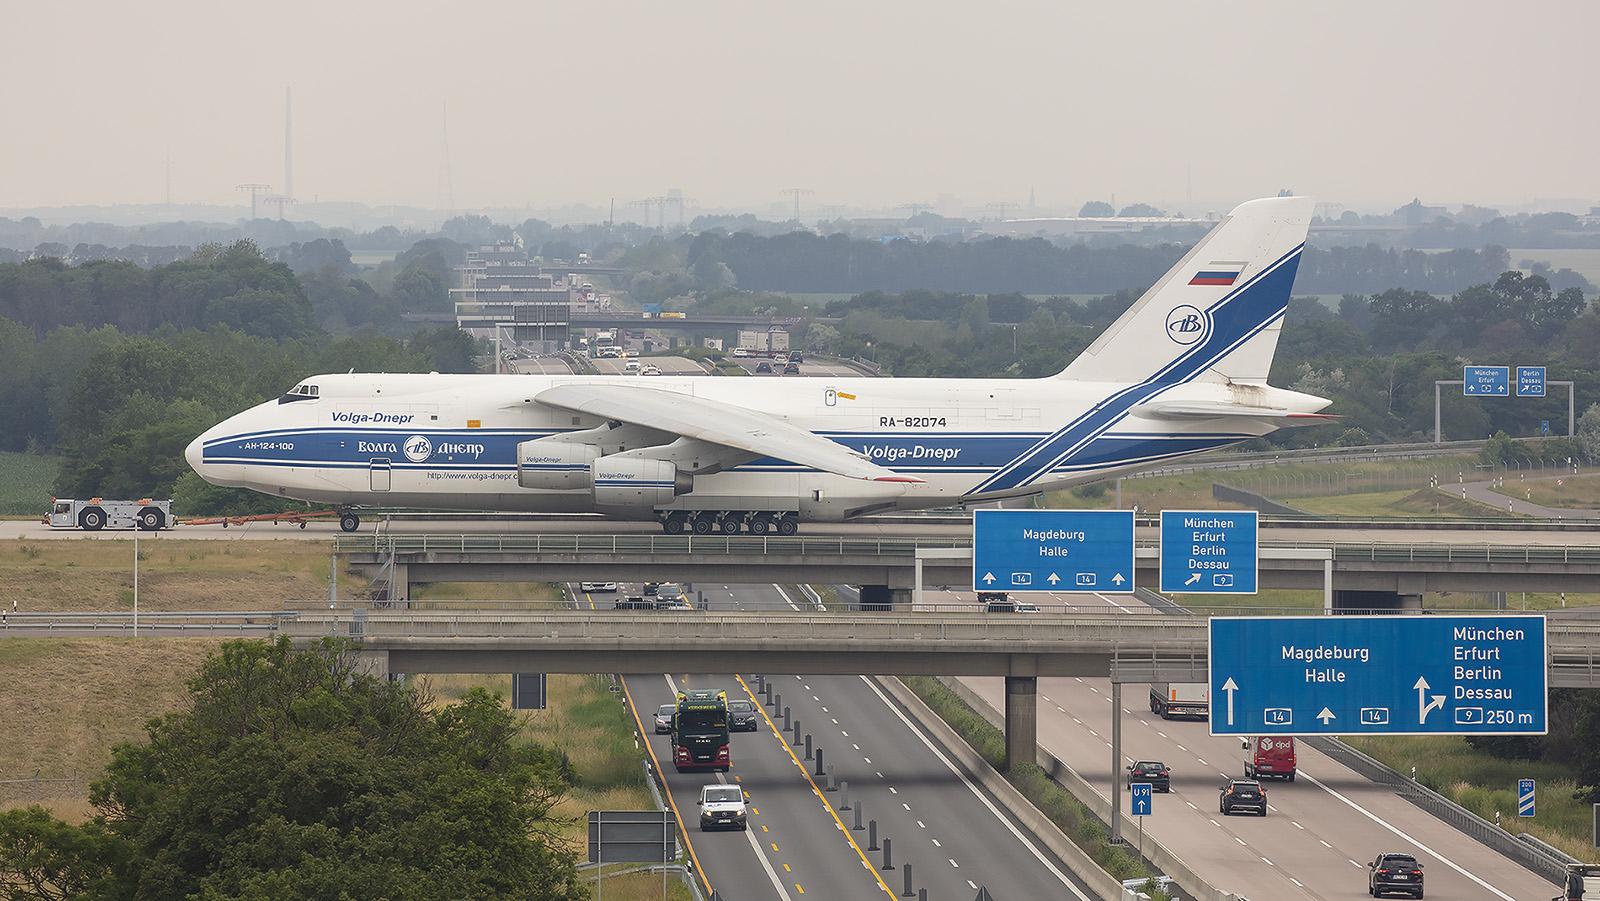 ...........und ganz groß mit der An-124 der Volga-Dnepr Airlines.